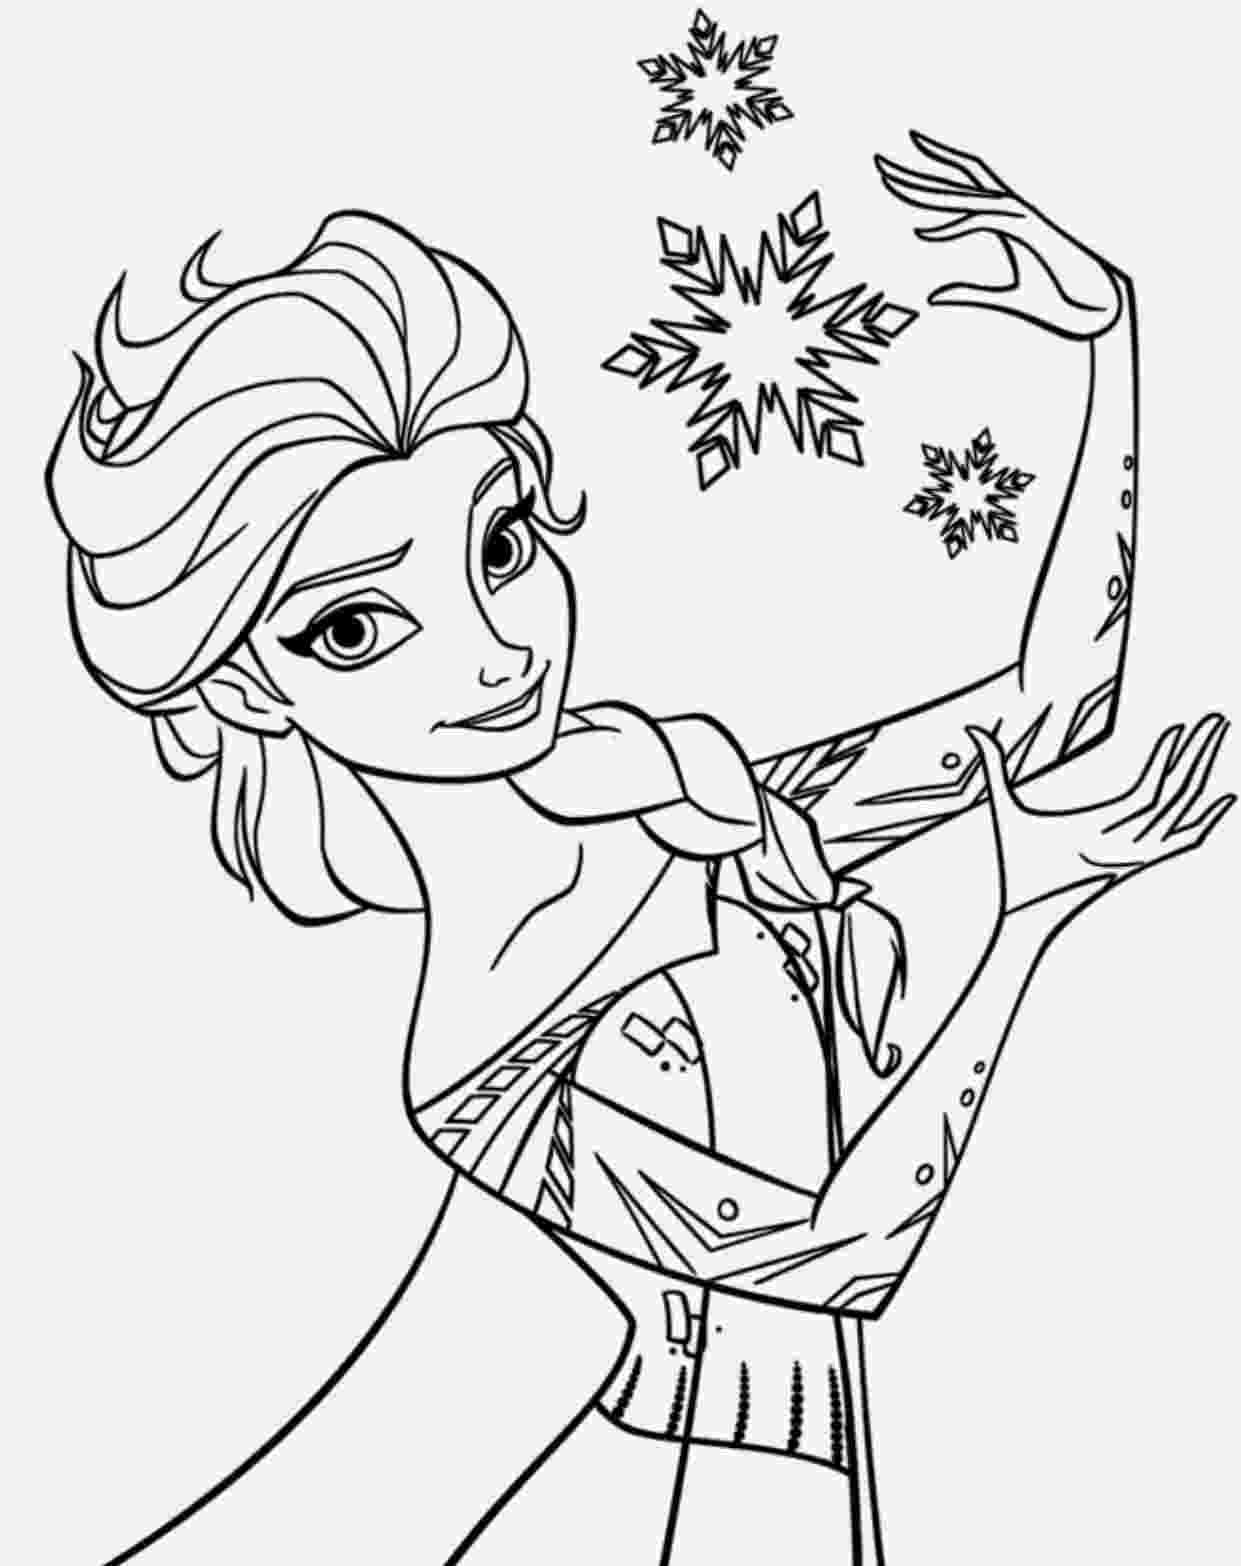 frozen coloring sheets 15 beautiful disney frozen coloring pages free instant frozen coloring sheets